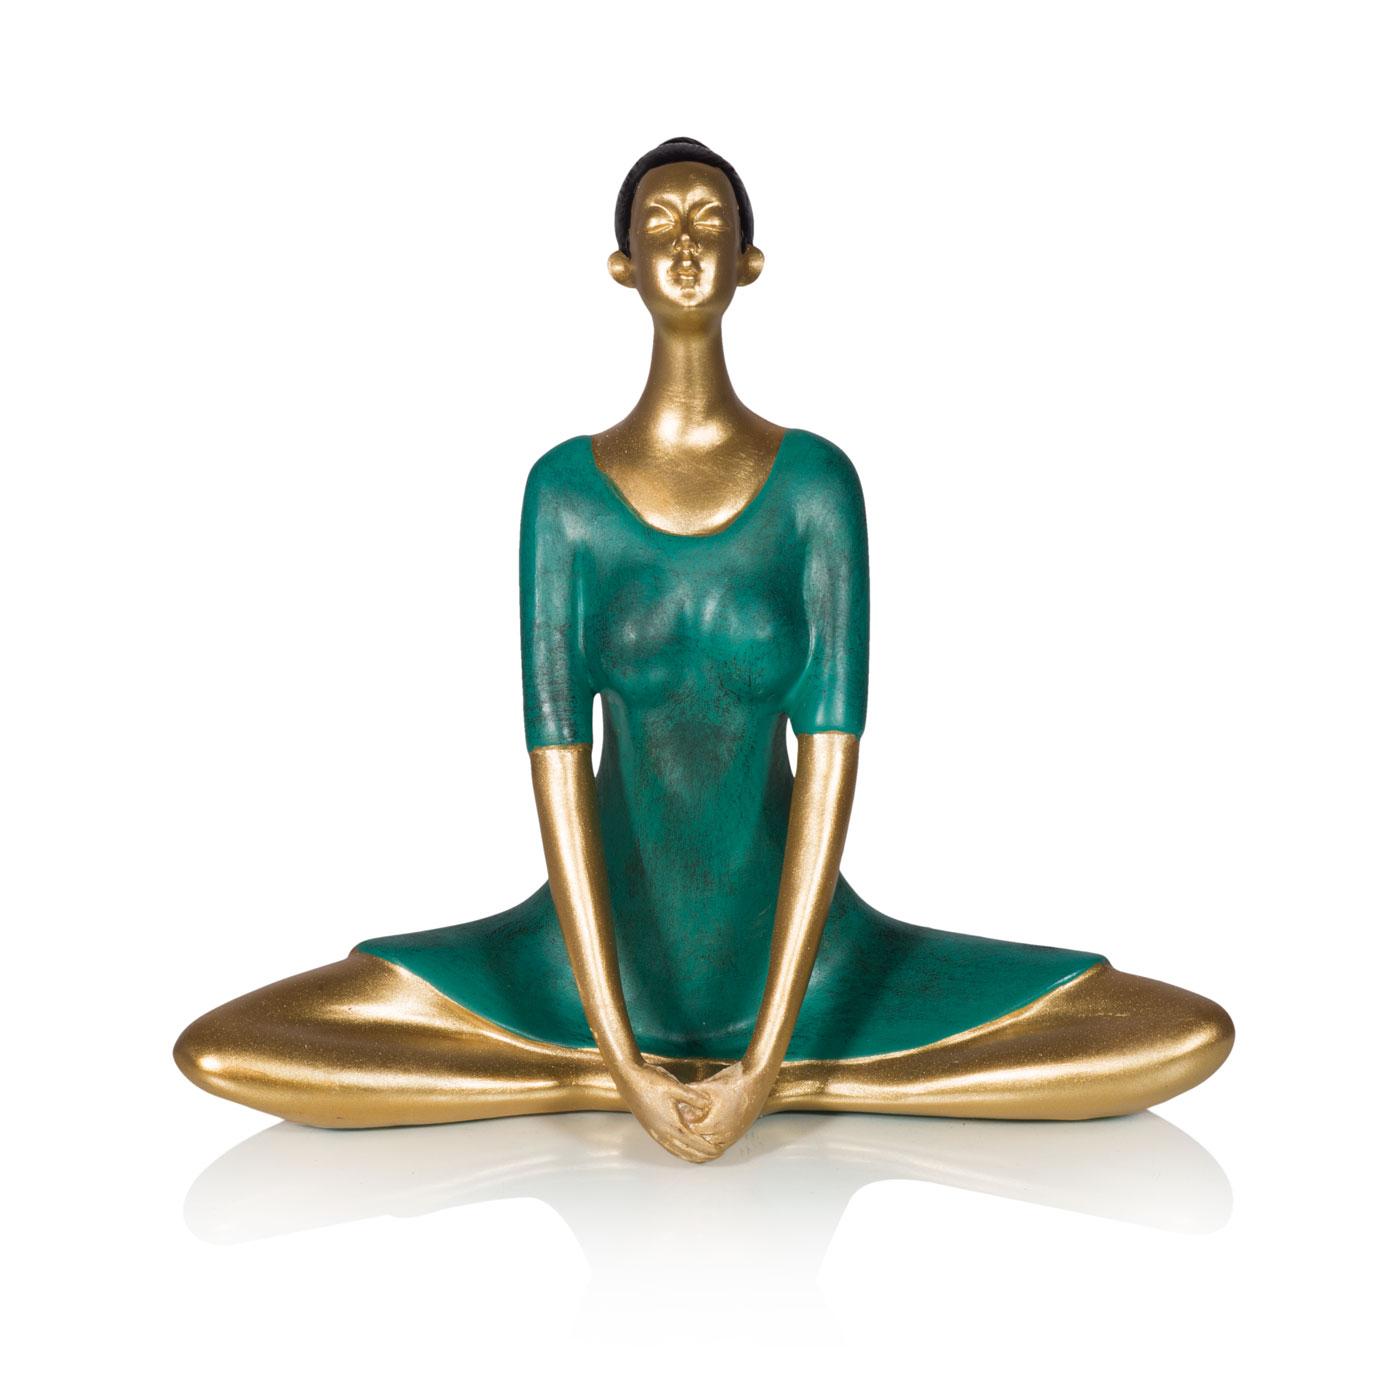 Купить Статуэтки и фигурки Home Philosophy, Статуэтка Yoga Цвет: Изумрудно-Золотой (22х10х20 см), Китай, Зеленый, Золотой, Полирезин